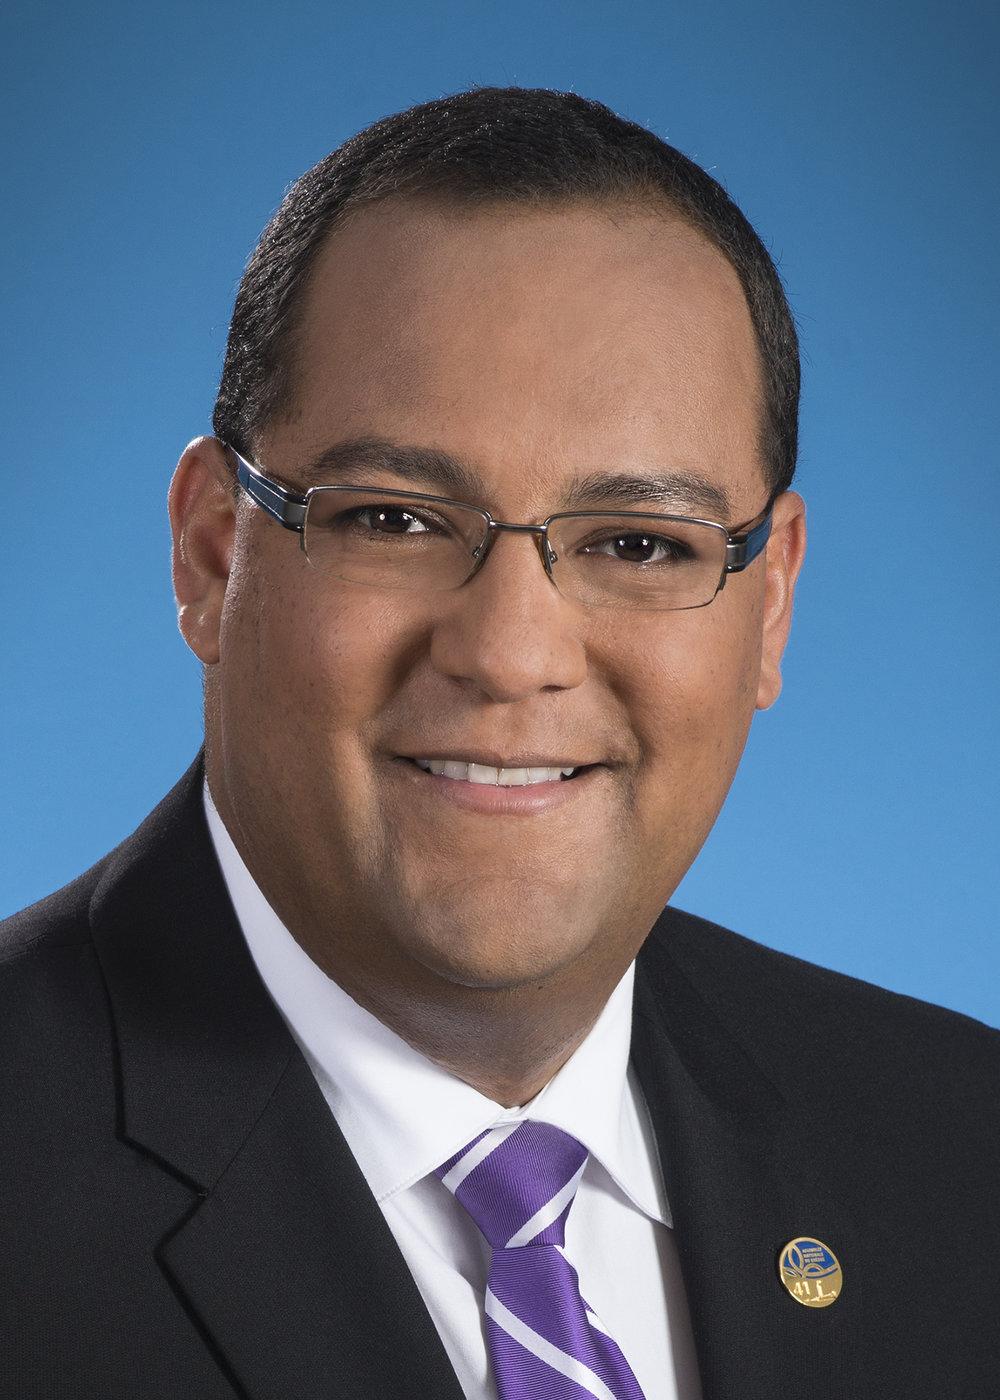 Saul Polo    Député de Laval-des-Rapides    Adjoint parlementaire de la ministre de l'Économie, de la Science et de l'Innovation